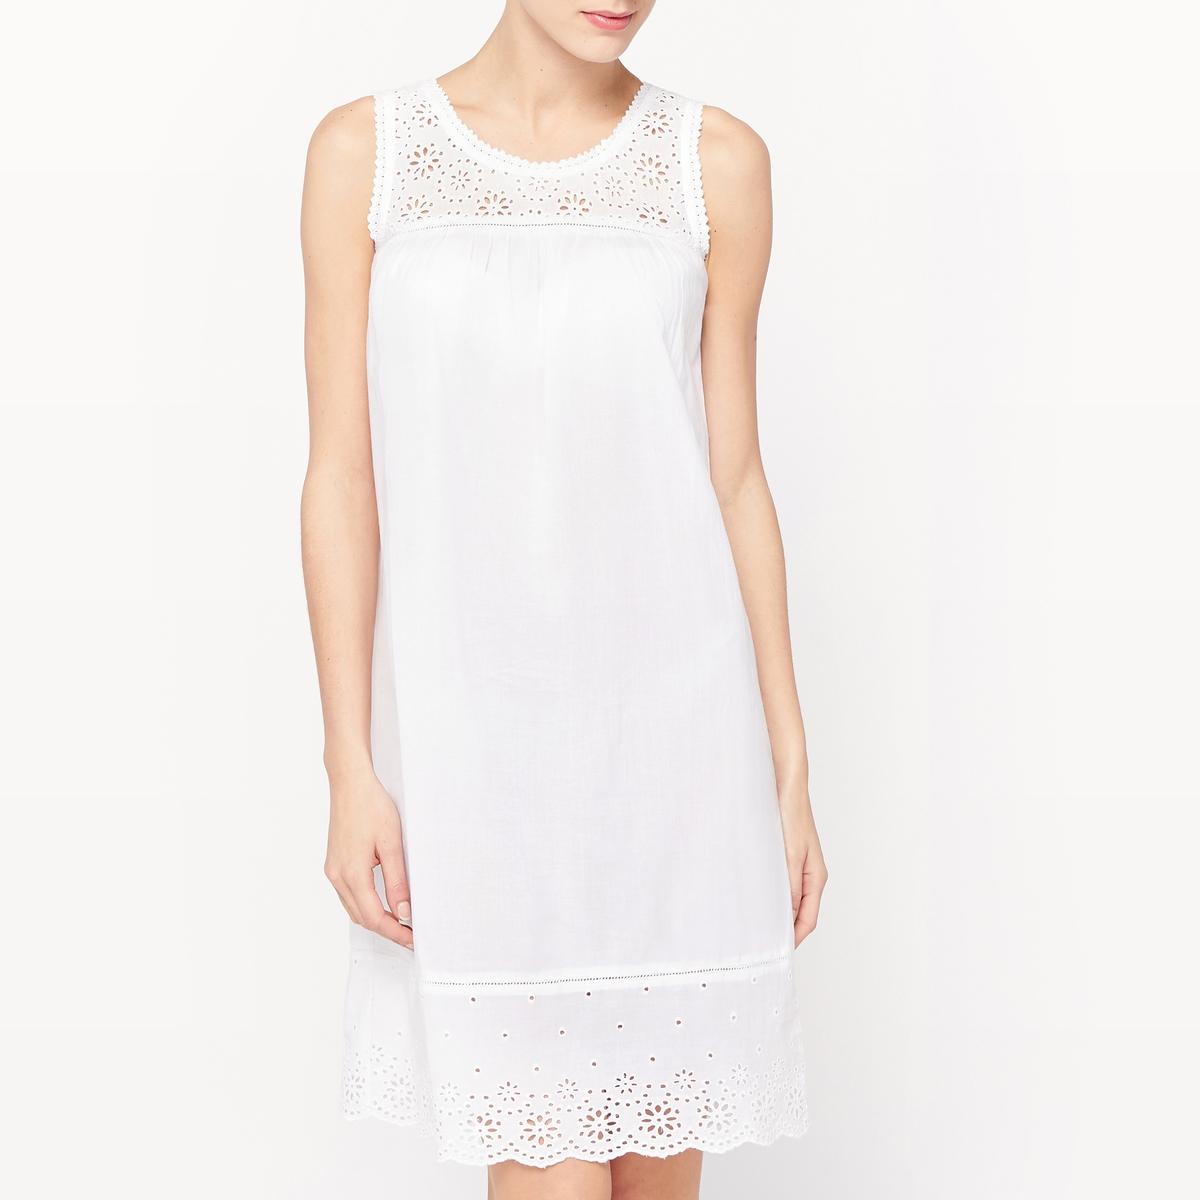 Сорочка ночная ночная сорочка длинная без рукавов